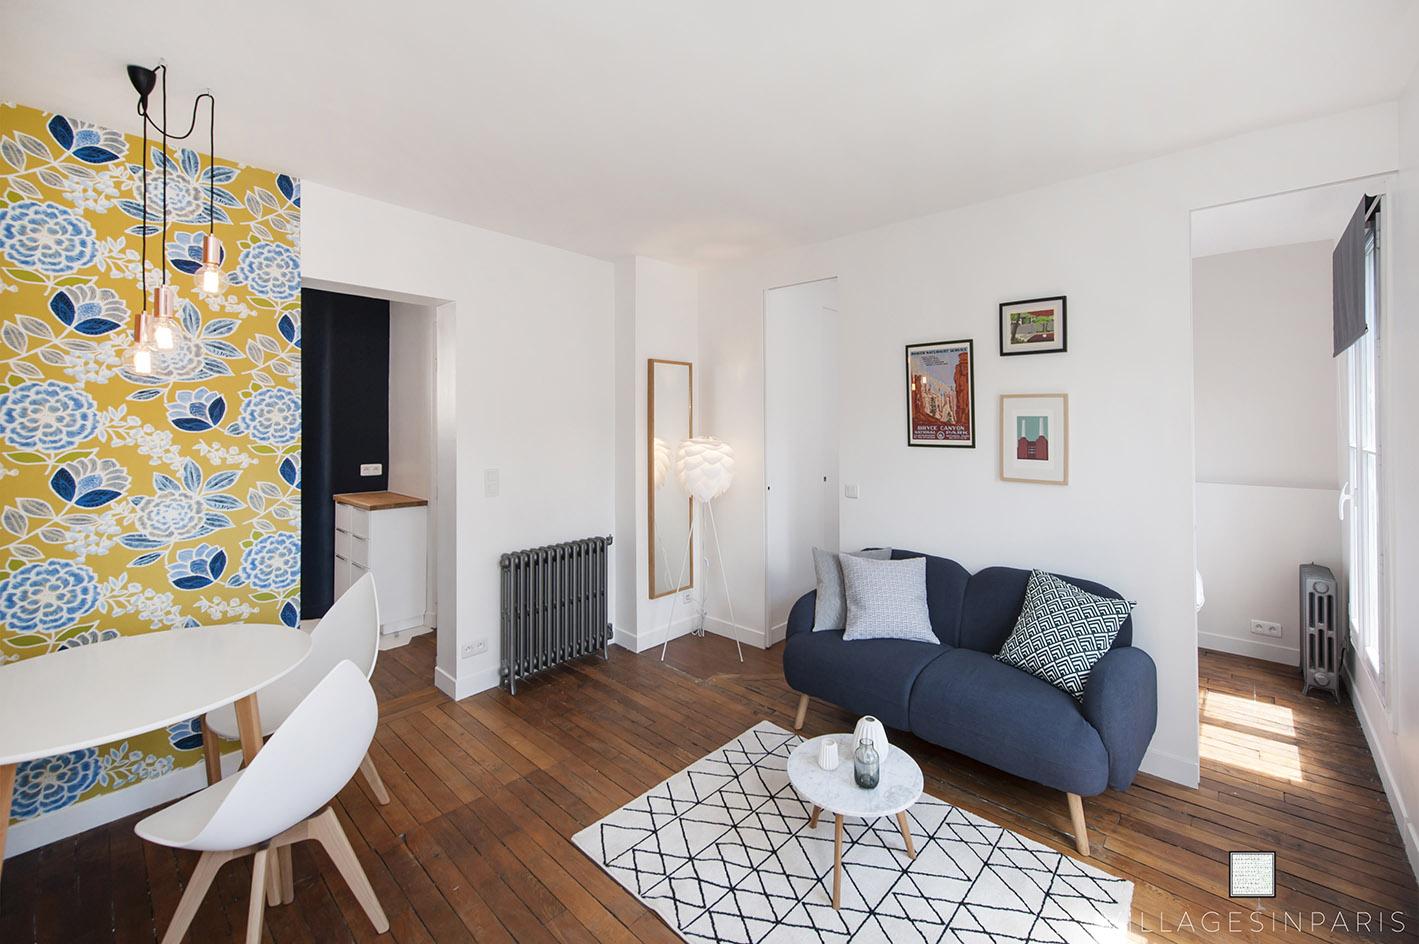 Décoration d\'intérieur - Villages In Paris